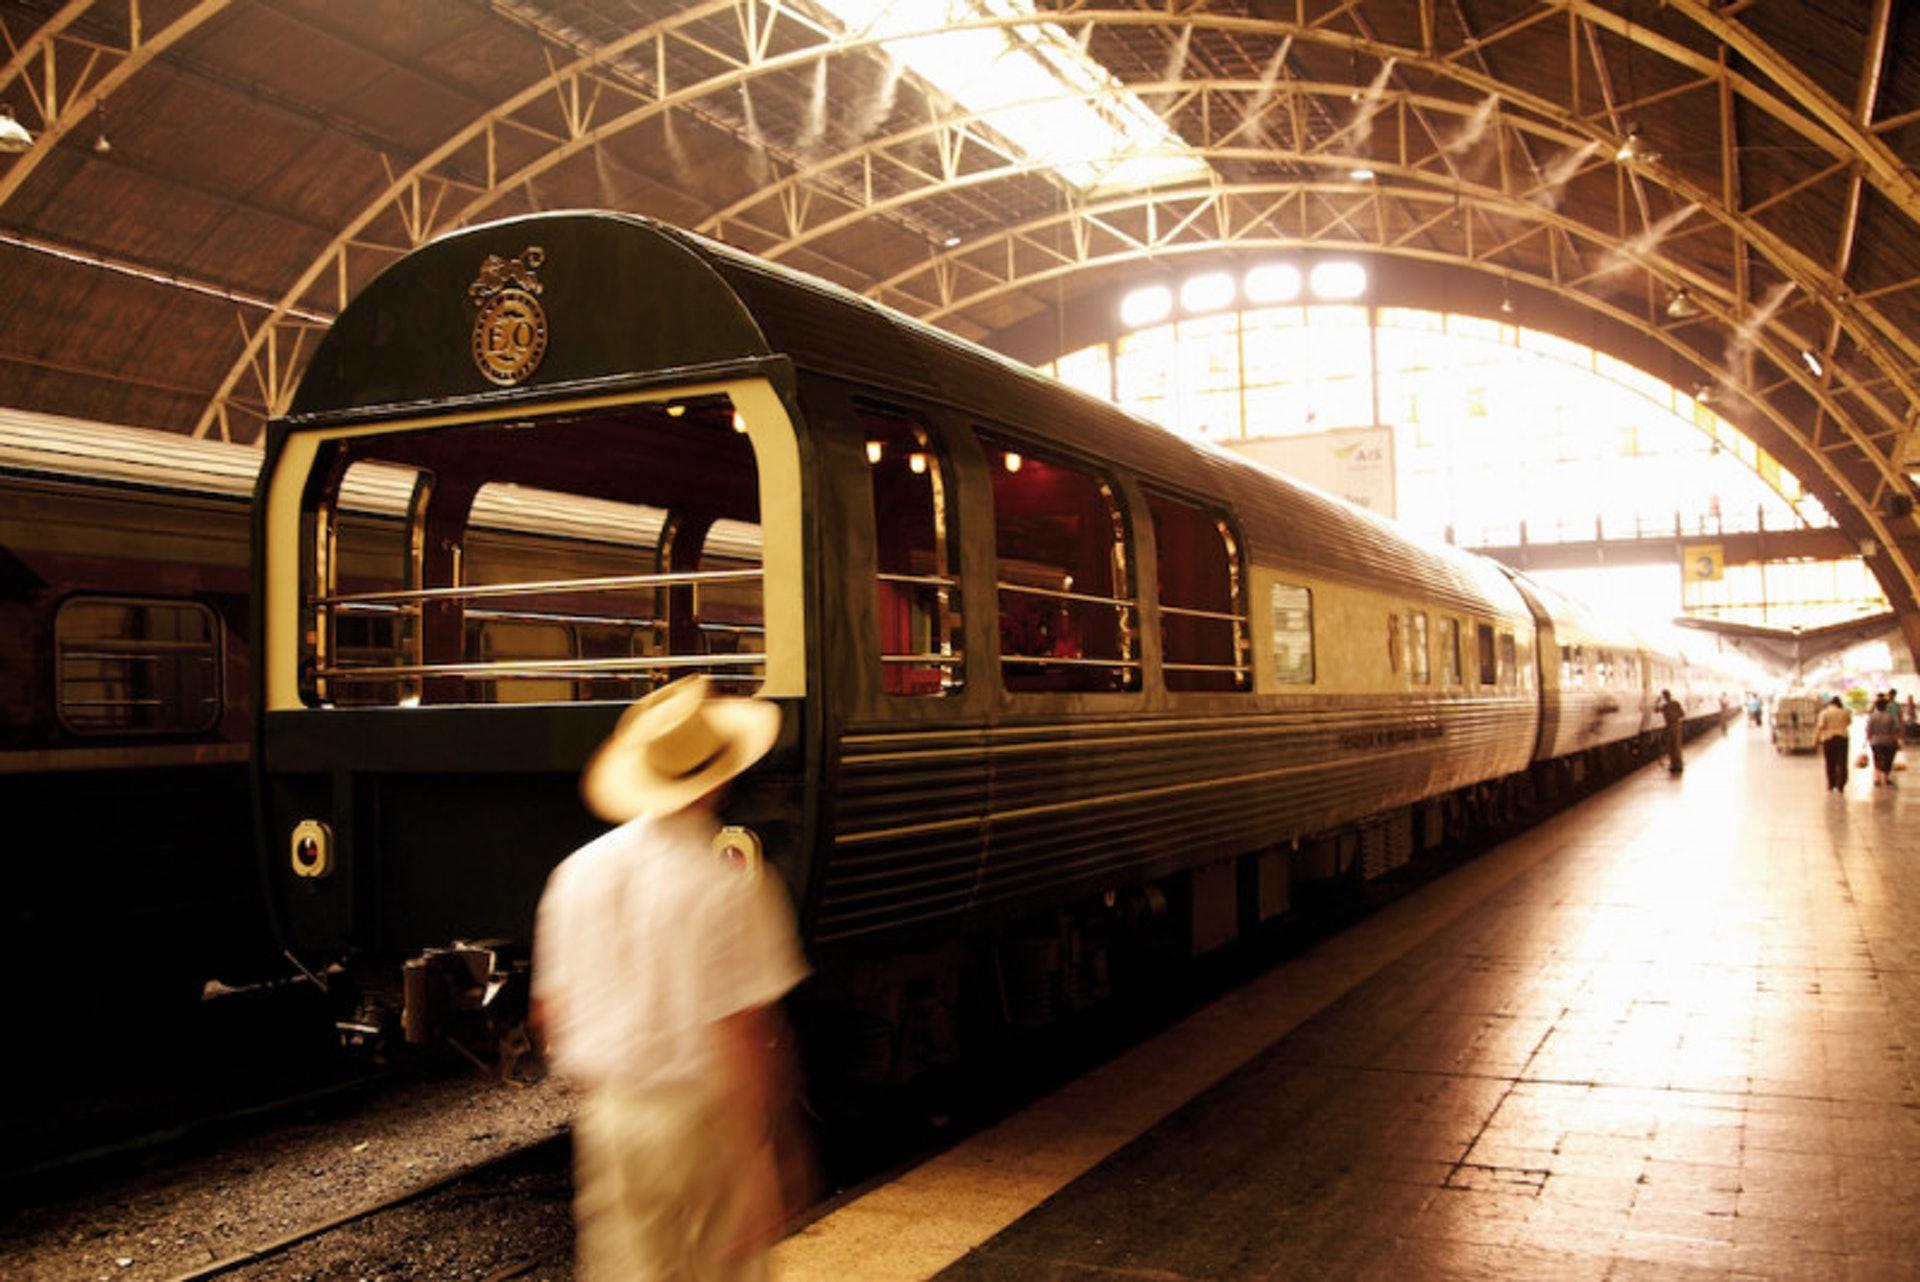 亞洲東方快車比照百年名牌的絕高水準,以五星級旅館等級打造。(世界高級品提供)